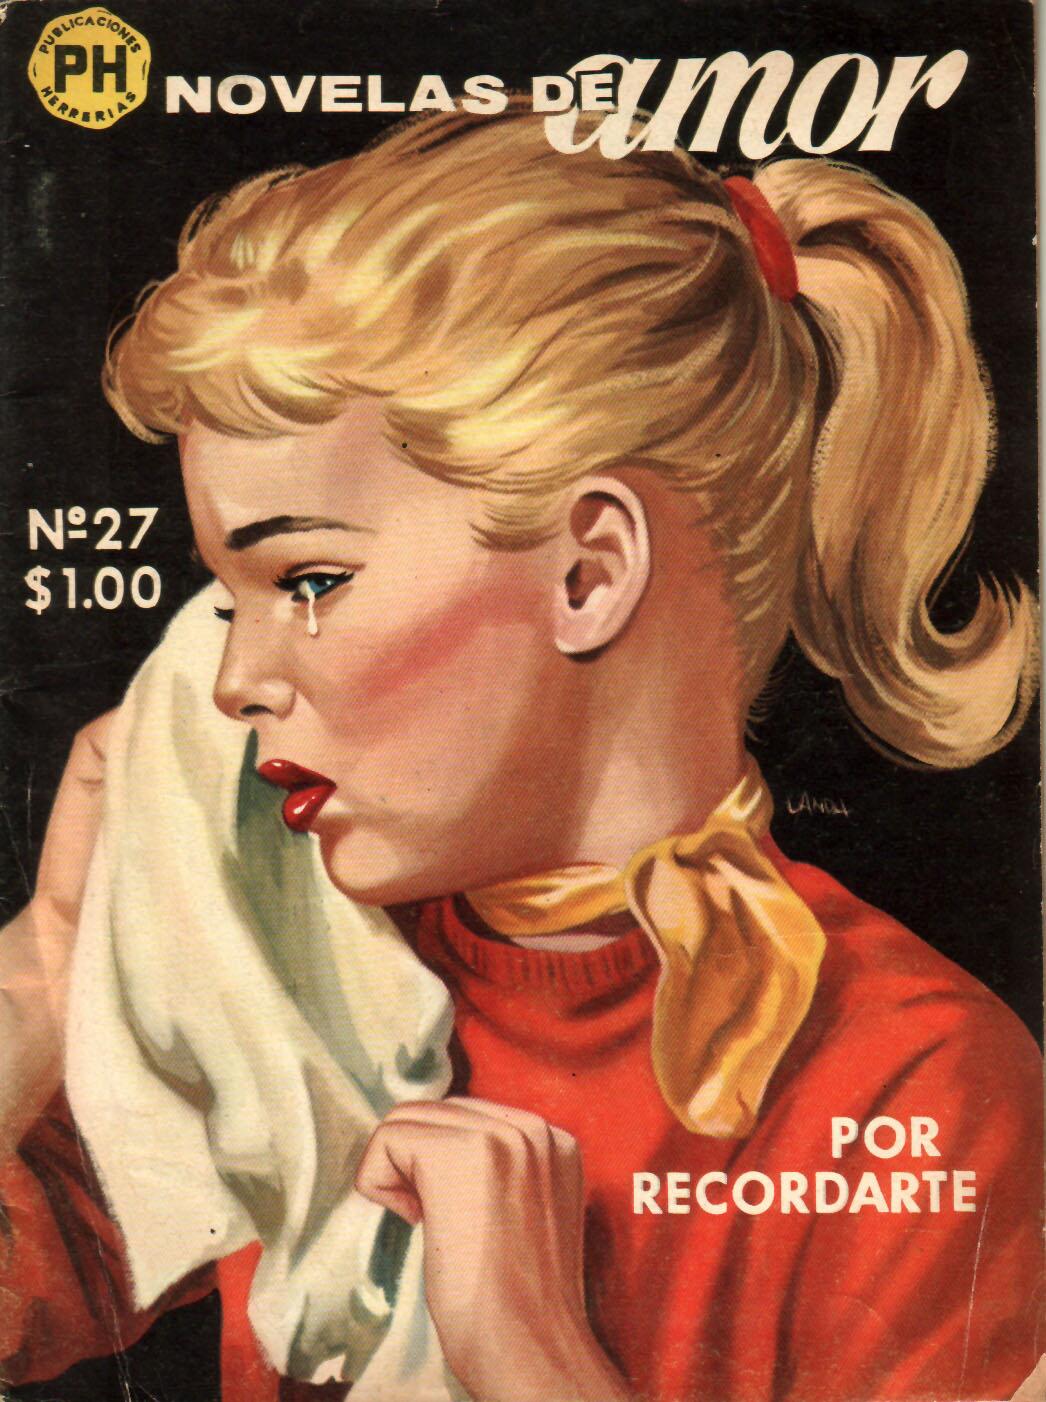 novelas de amor nº 27 15 de febrero de 1961 publicaciones herrerías ...